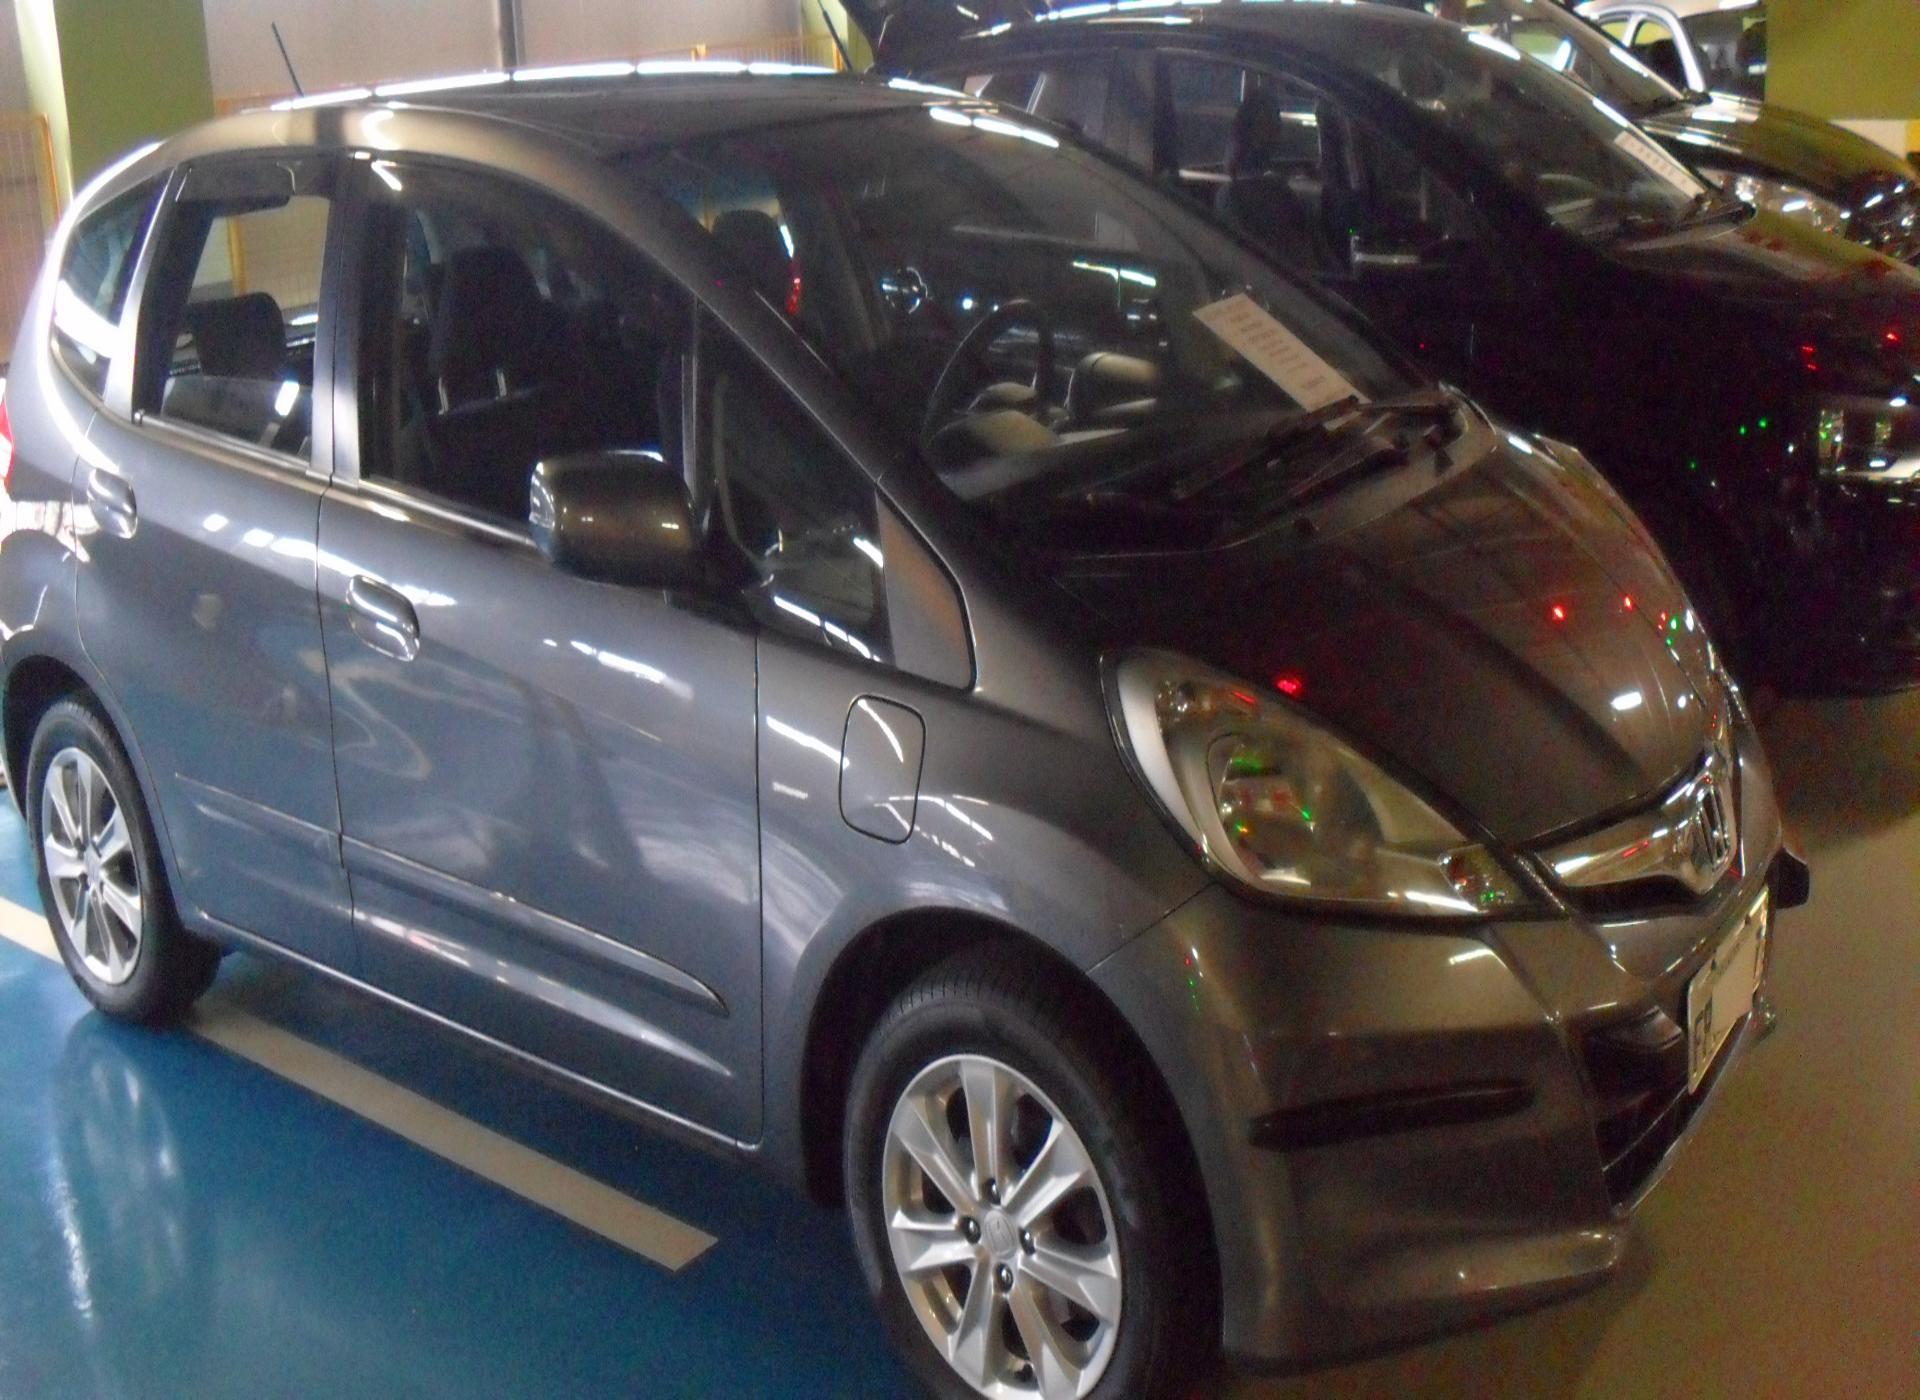 Feirão Auto Show Shopping ABC - HONDA FIT LX 1.4/ 1.4 FLEX 8V/16V 5P AUT. 2013-2013